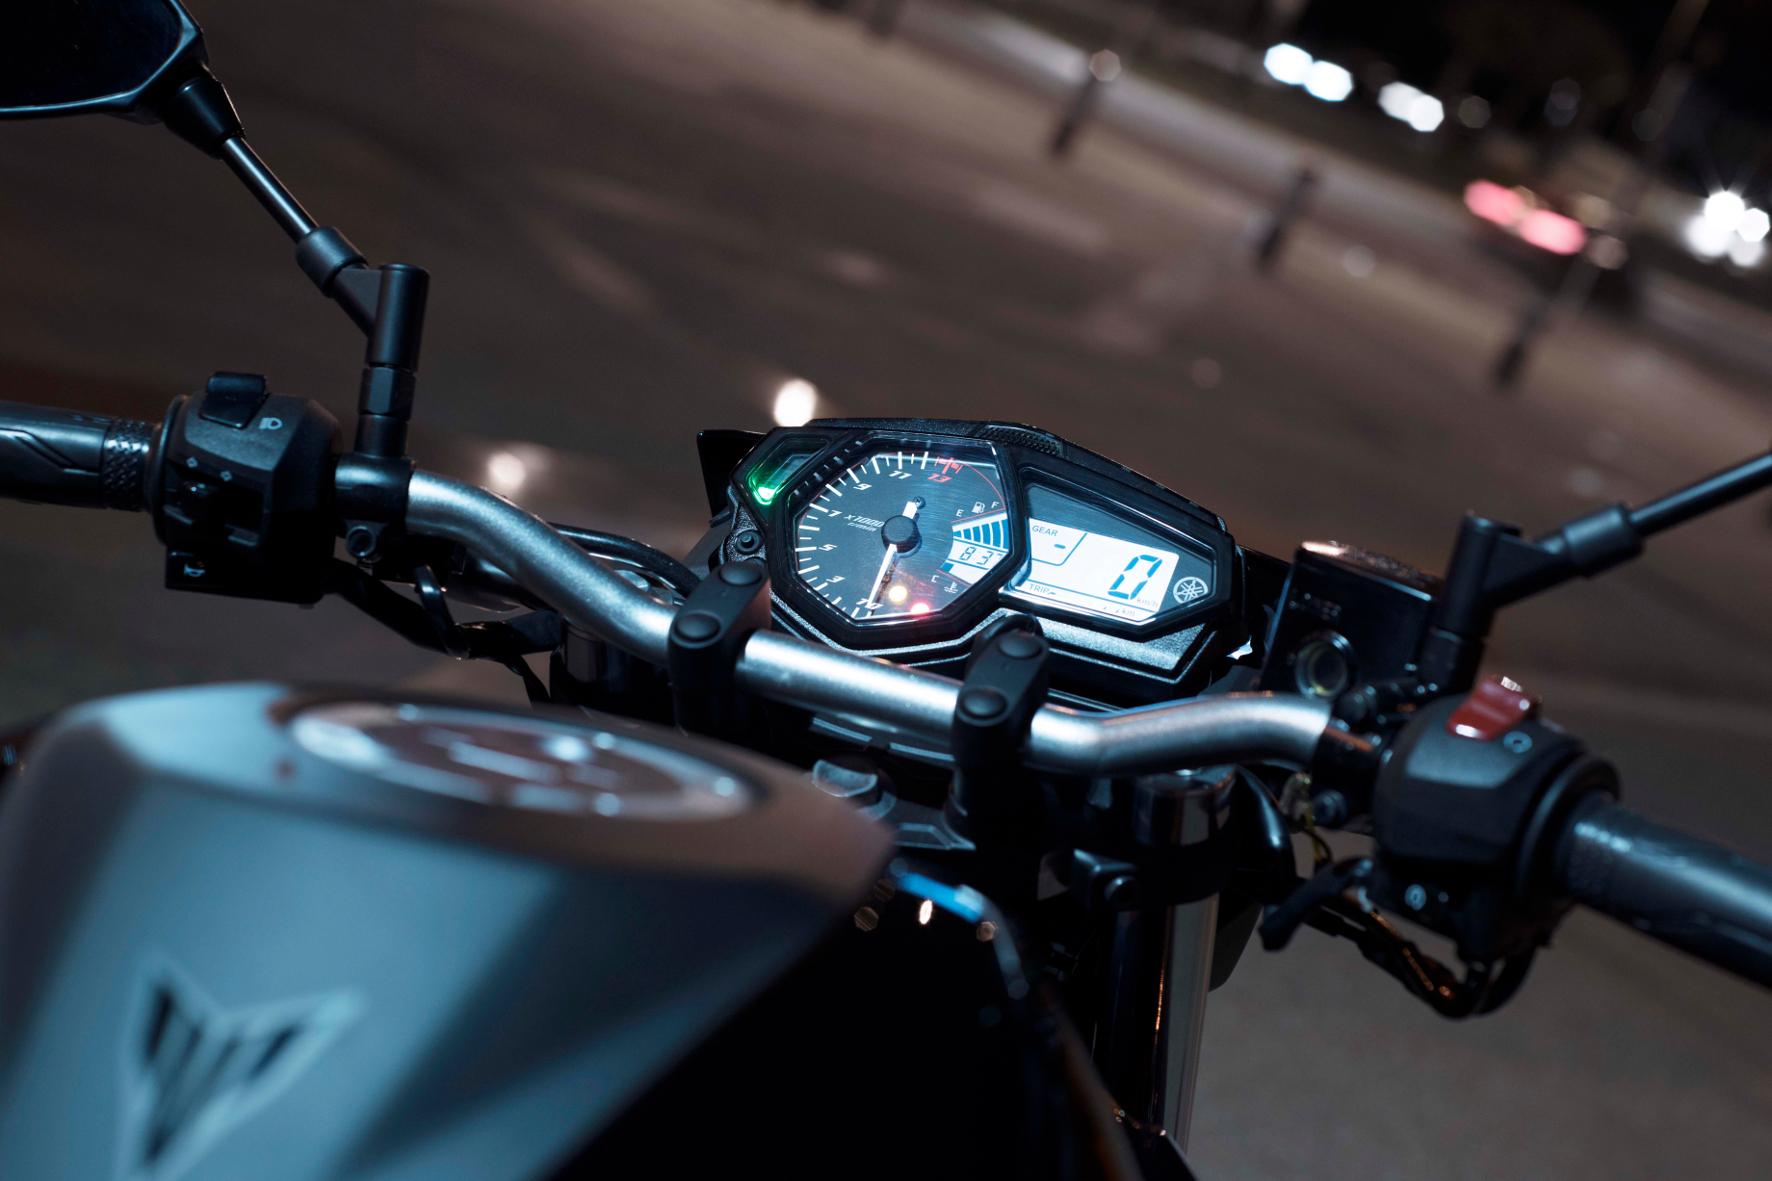 Die 300er bevorzugt aktive Fahrer, die gerne am Quirl drehen und die Drehzahl hoch halten. Deshalb besitzt das Cockpit einen Drehzahlmesser als zentrale Analog-Anzeige.